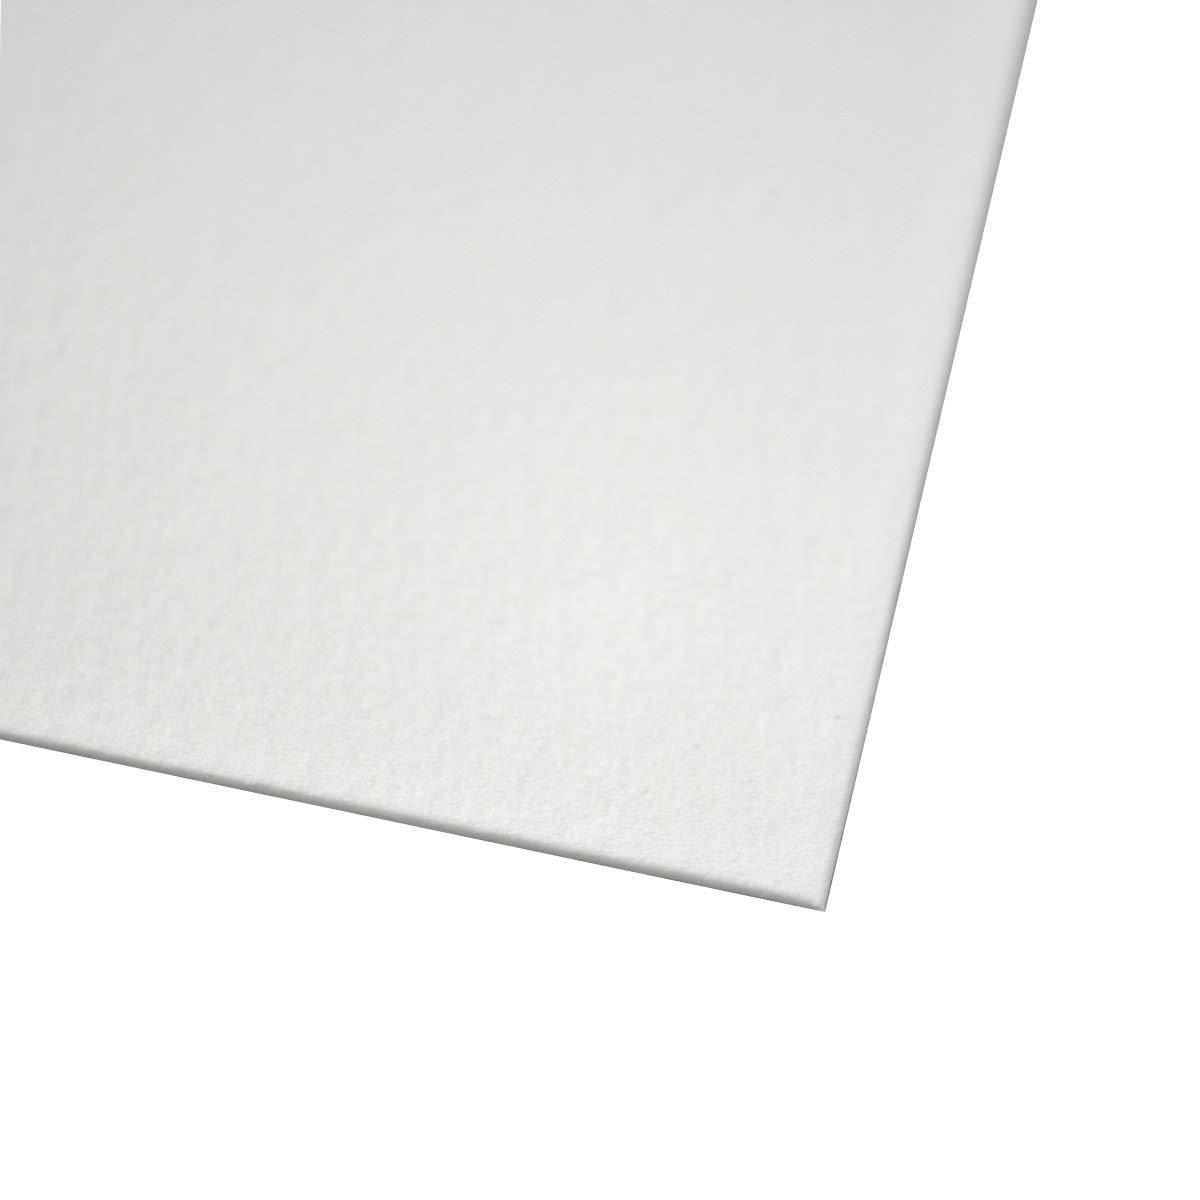 Bee Papier 100% Rag 140# Cold Press Lot de Feuilles de Papier Aquarelle, Blanc, 22' x 30' 10 Sheet Pack 22 x 30 10 Sheet Pack Bee Paper Company 1153P10-2230